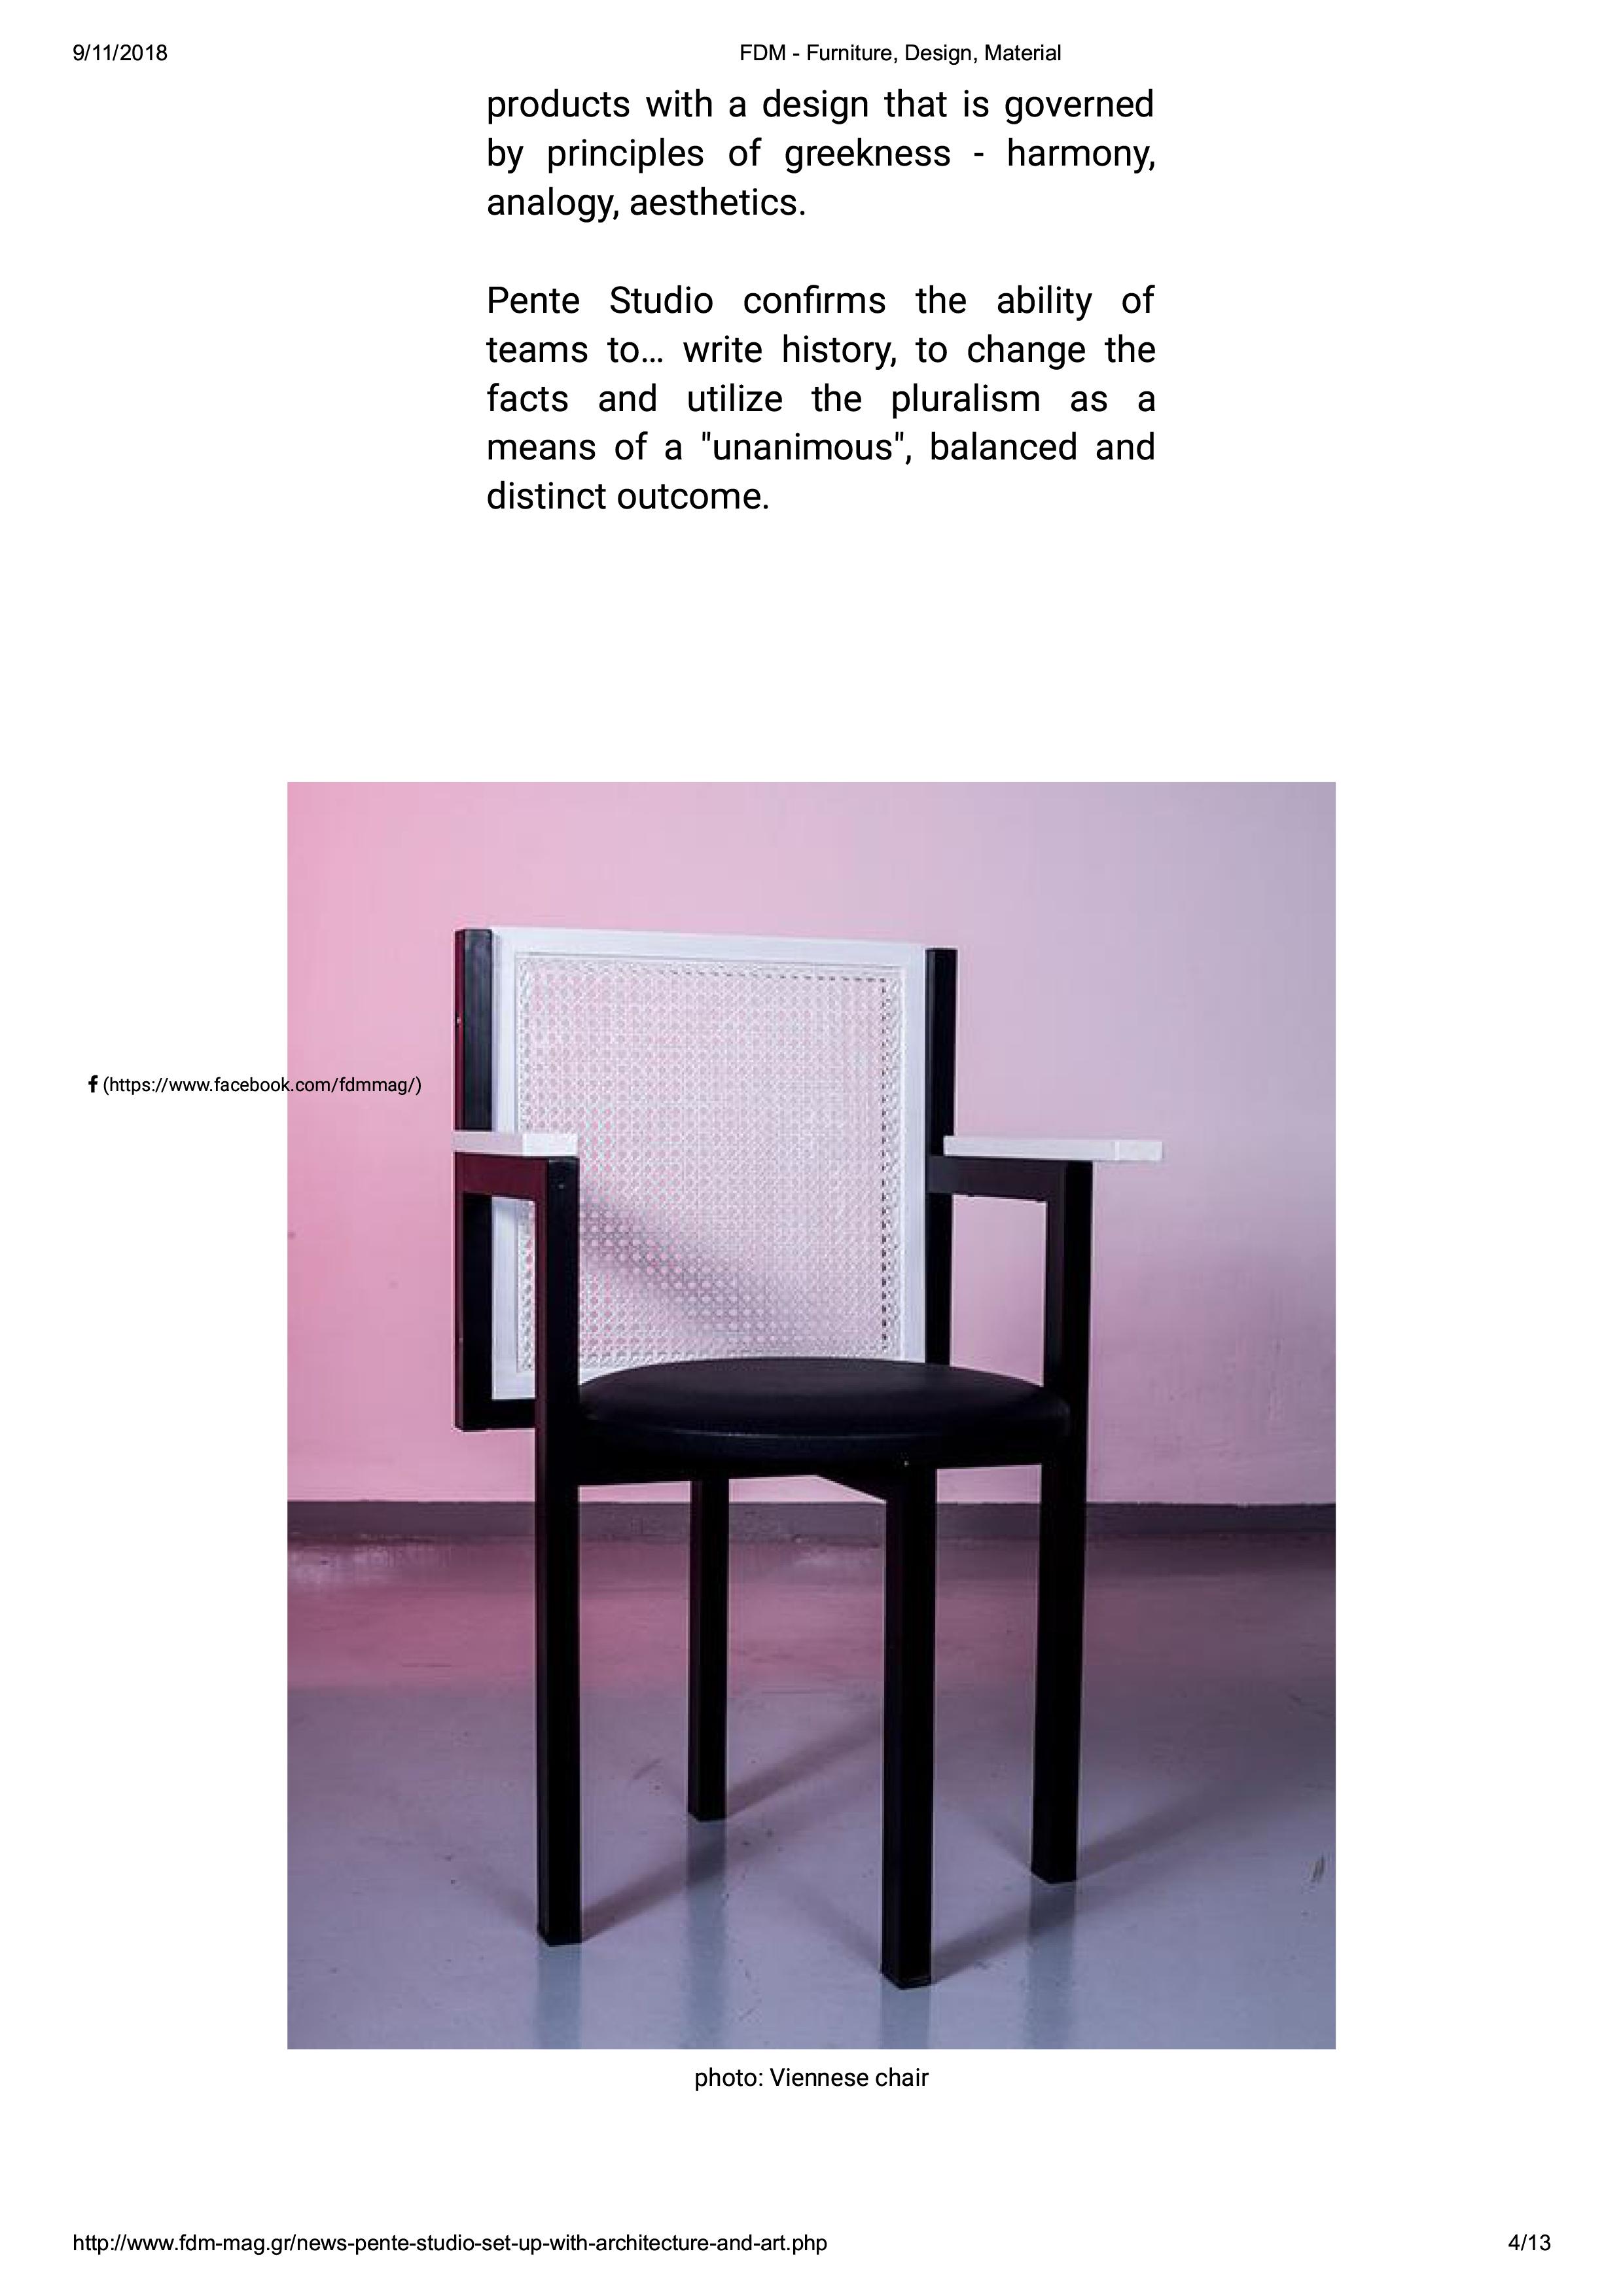 FDM - Furniture, Design, Material